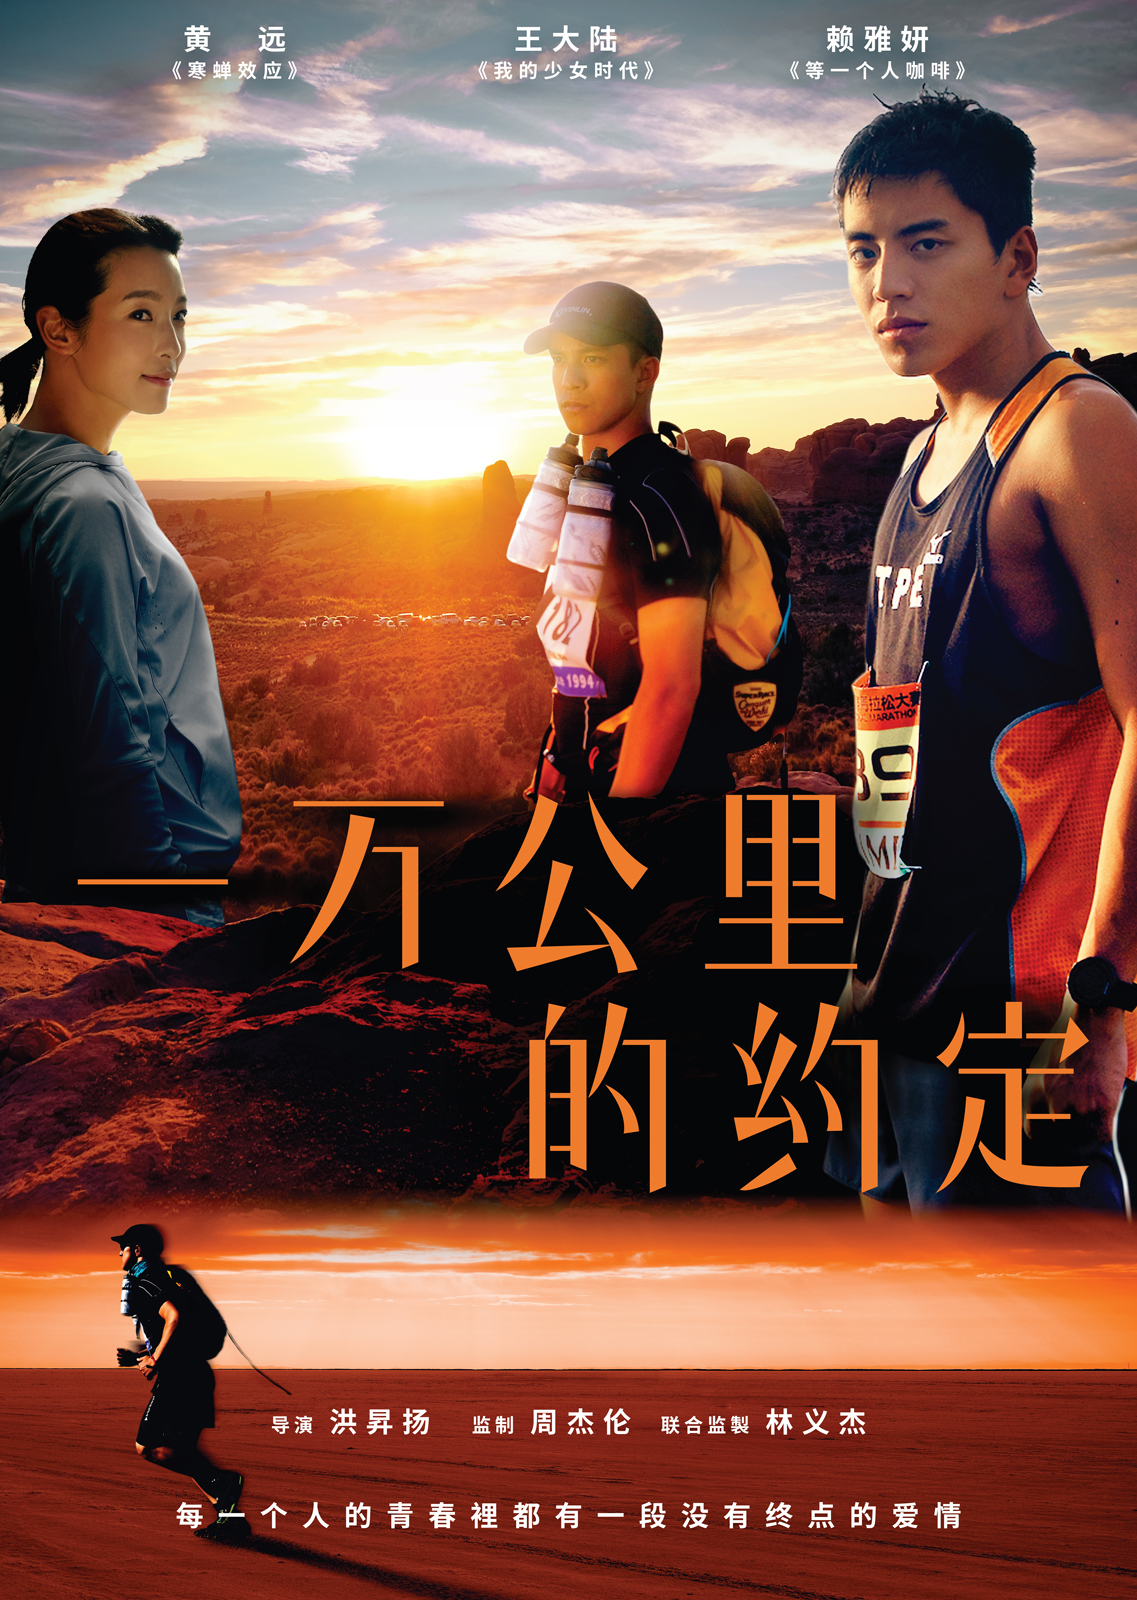 《一万公里》王大陆演运动员 被赞奔跑的荷尔蒙